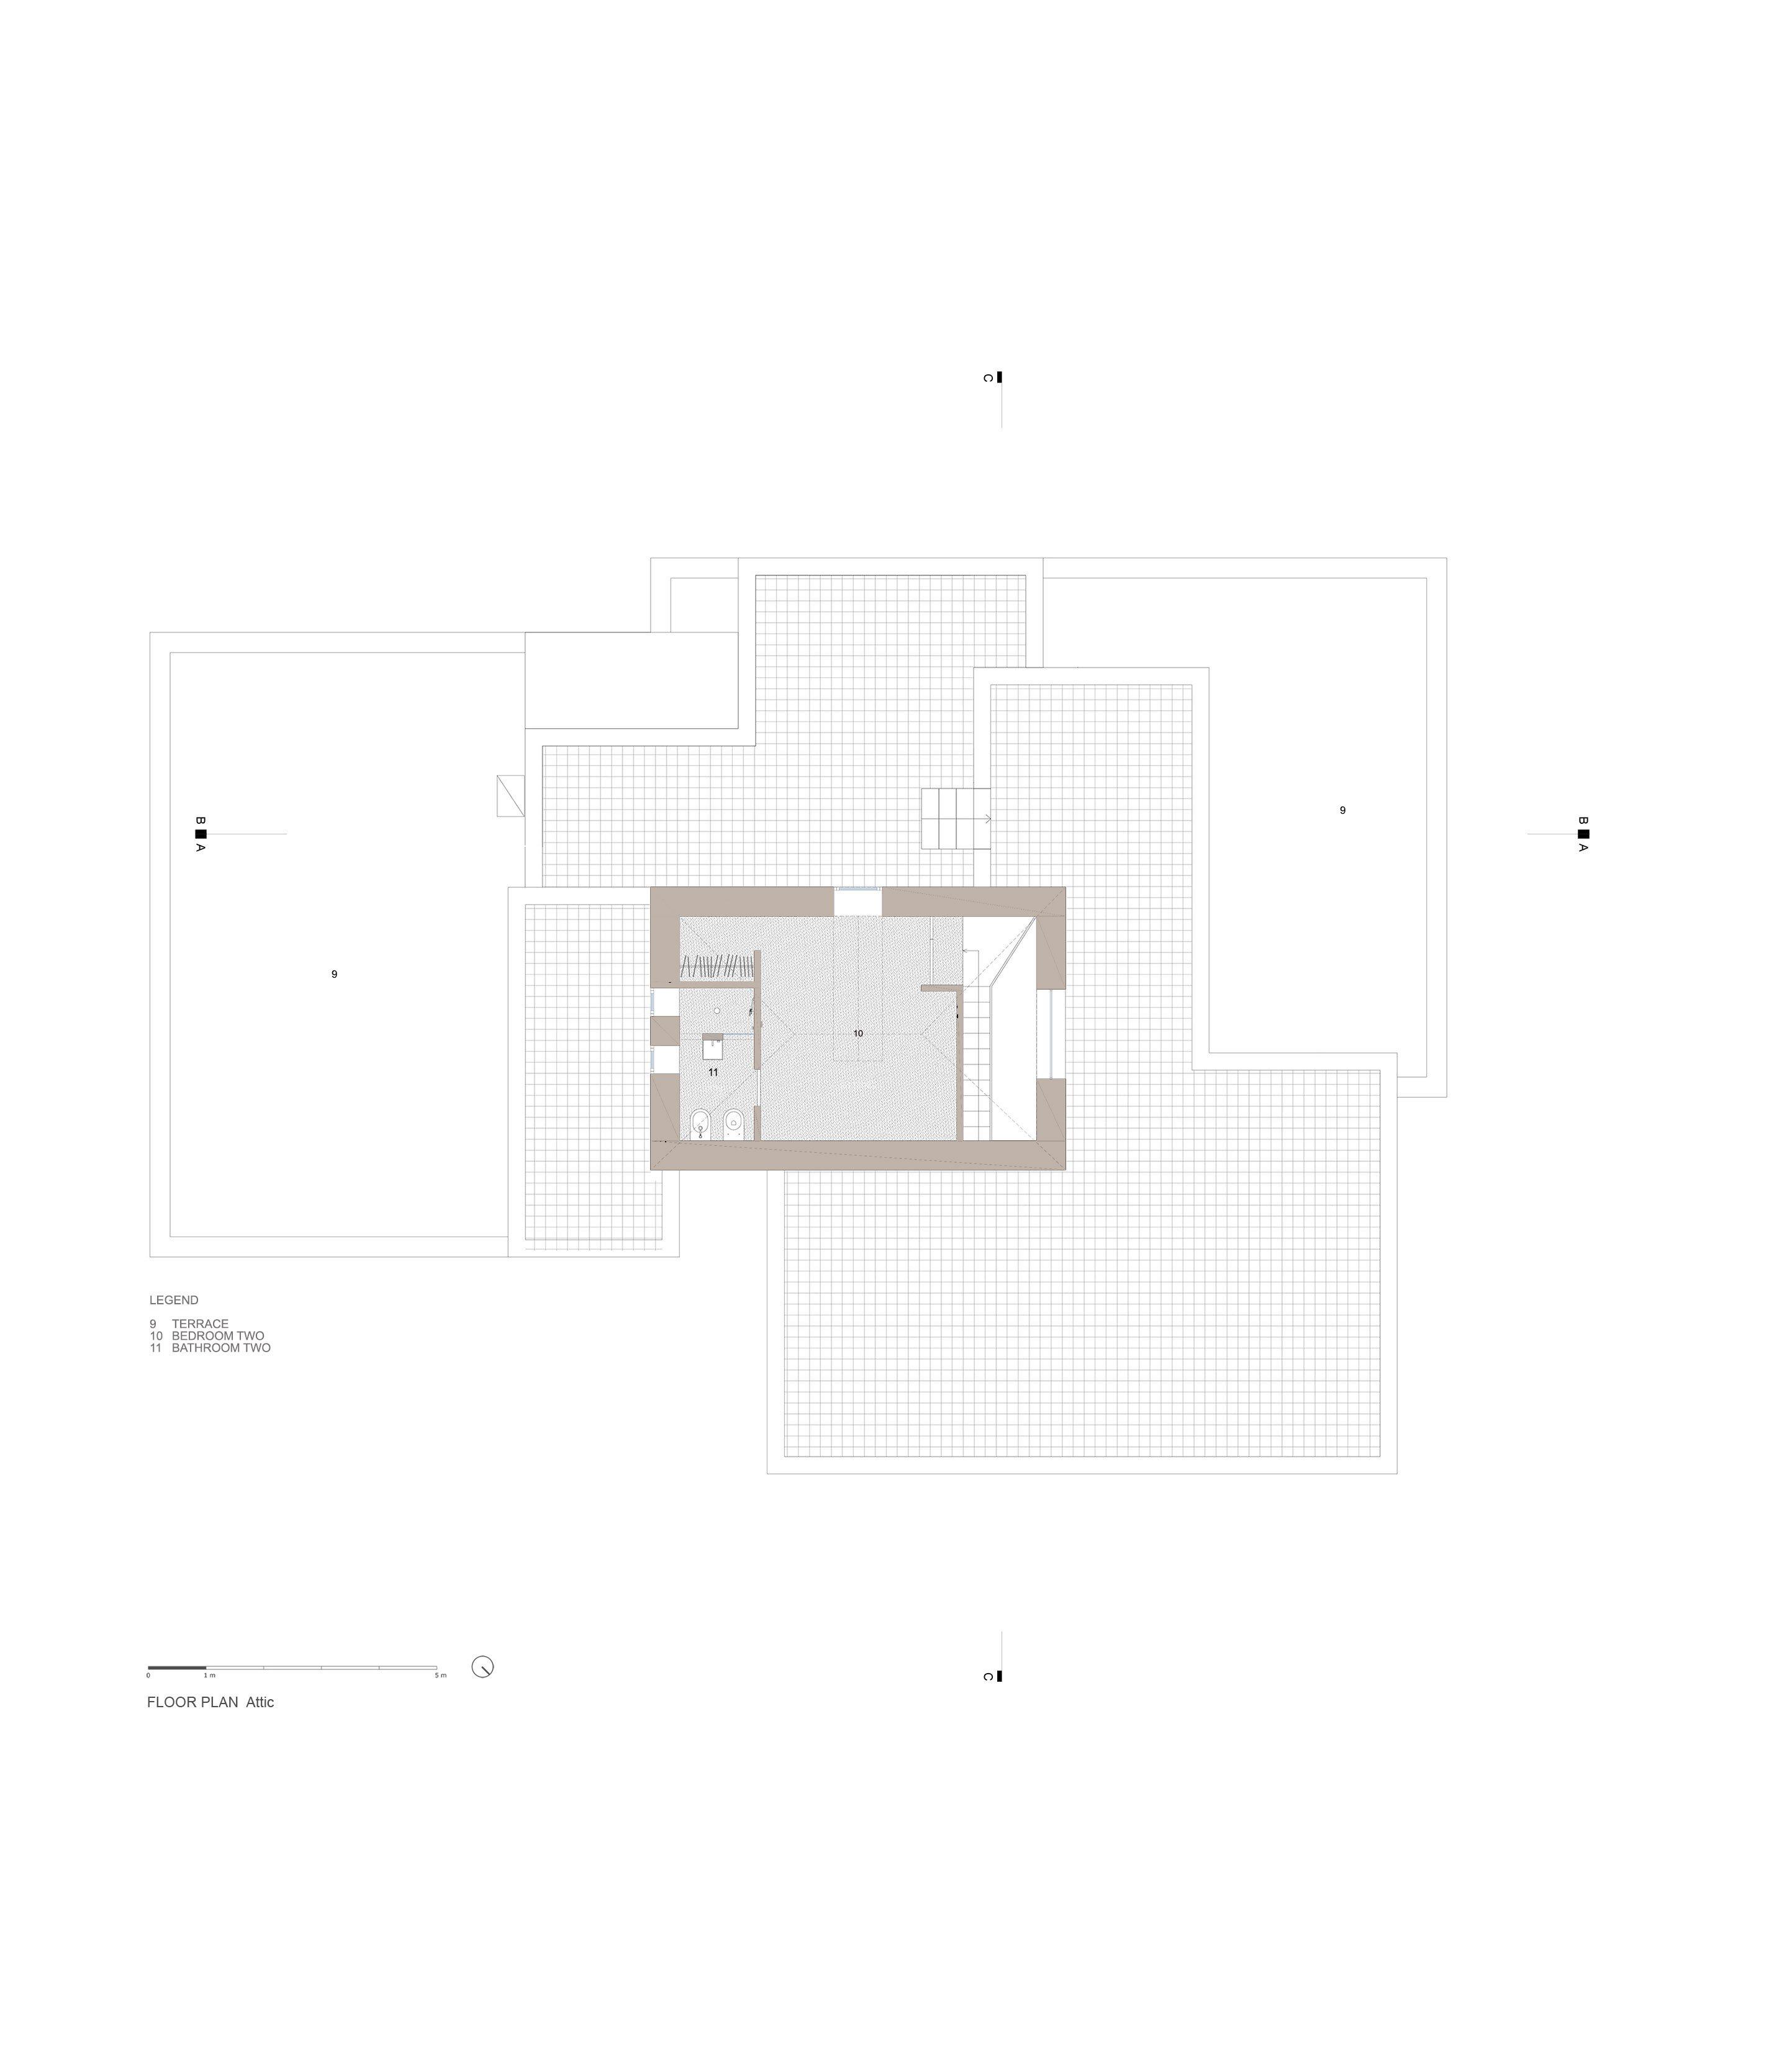 Floor Plan - Attic }